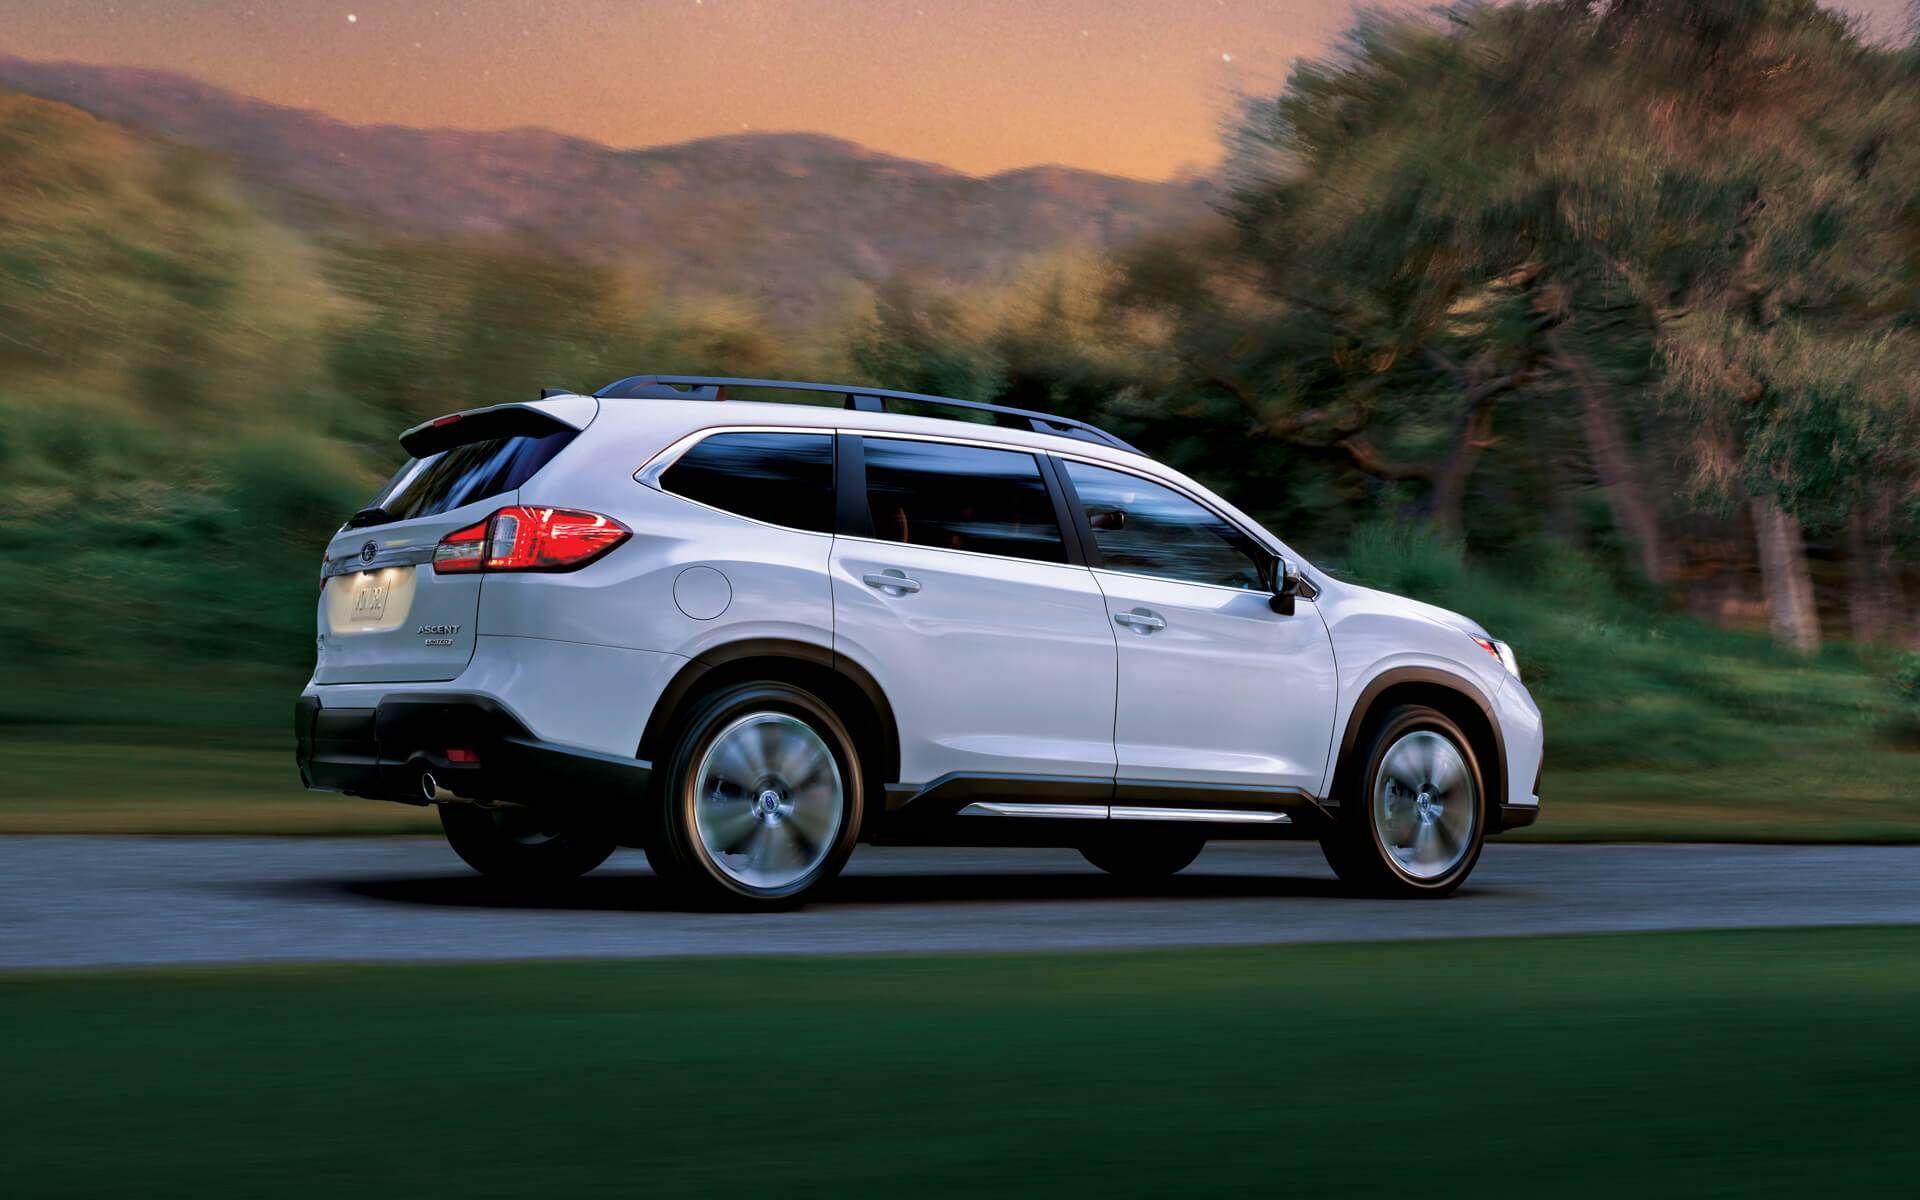 2019 Subaru Ascent From Your Subaru Dealership Near South Carolina Honda Pilot Subaru Honda